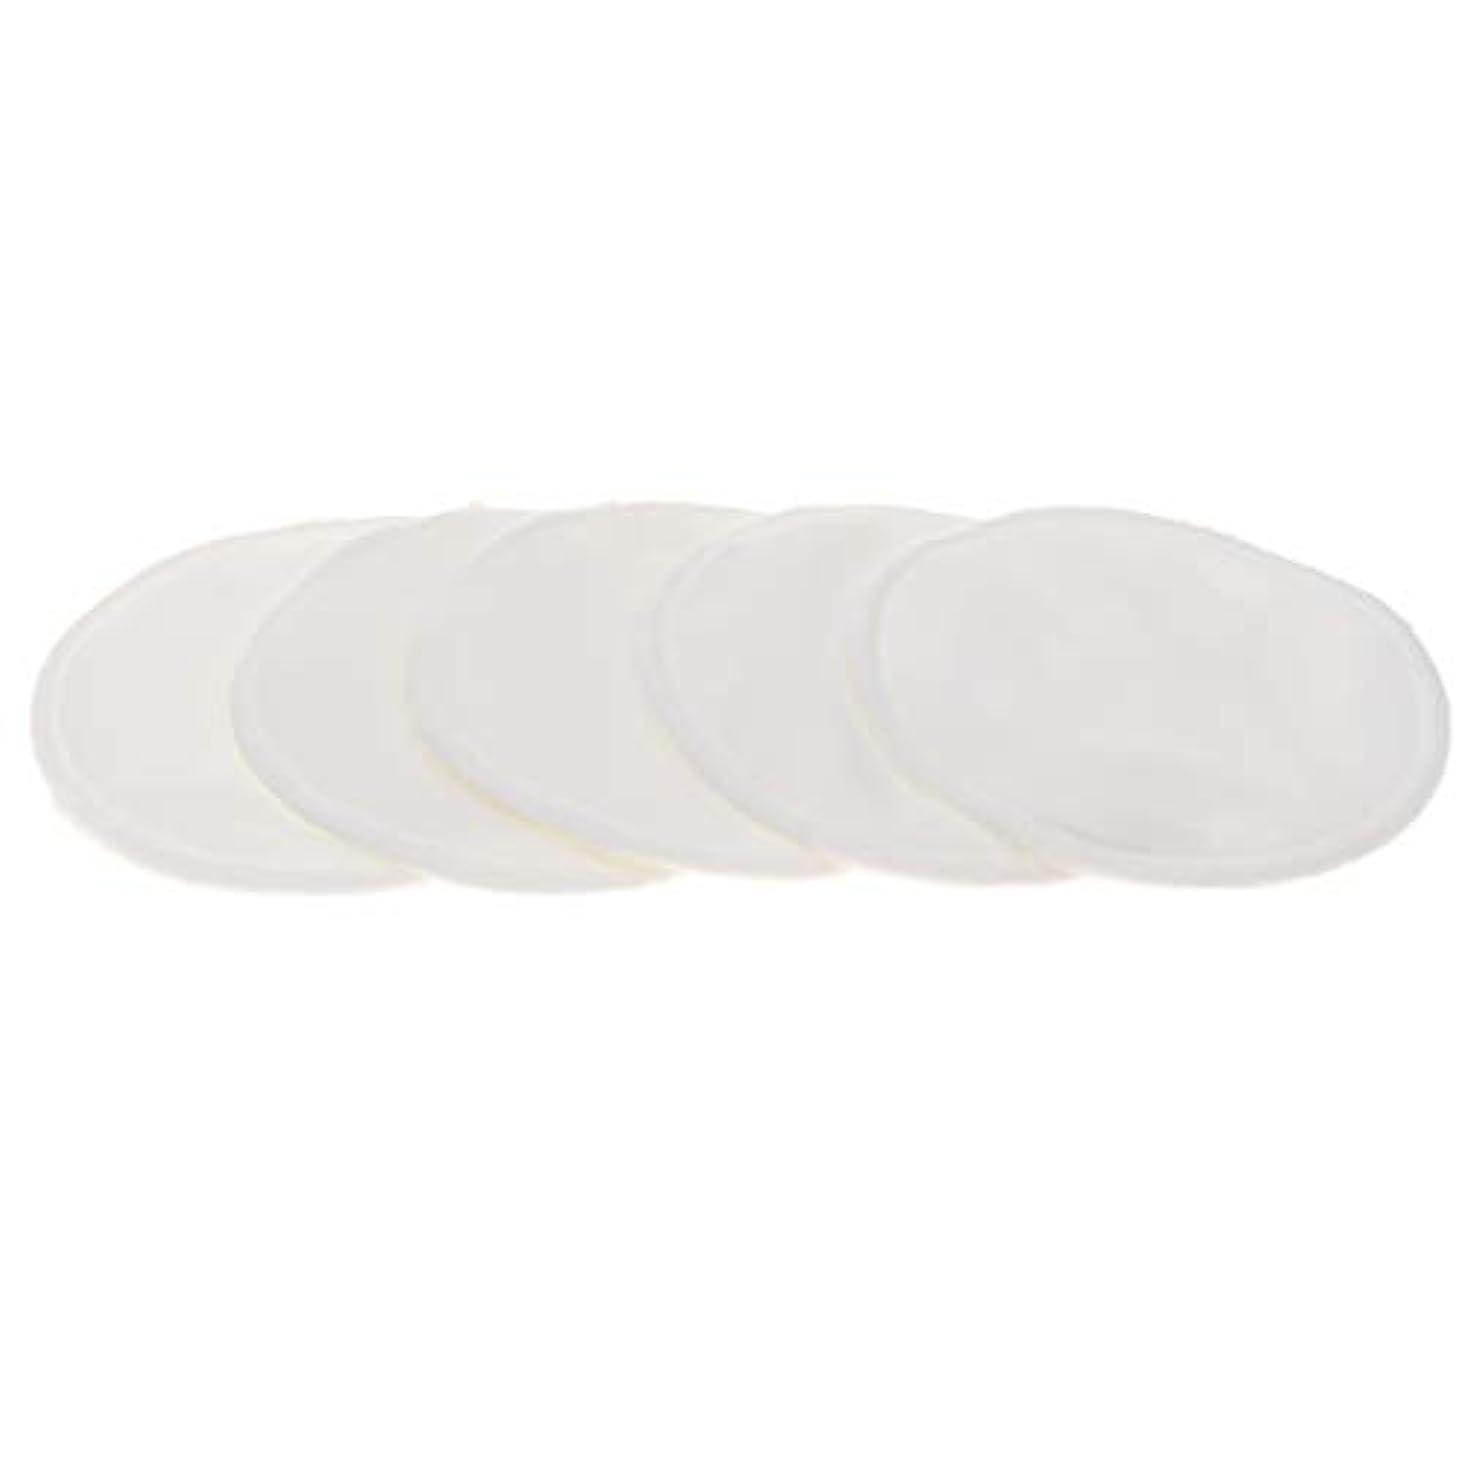 標準アルバニー強制的B Blesiya 胸パッド クレンジングシート メイク落とし用 竹繊維 円形 12cm 吸収性 再使用可能 5個 全5色 - 白